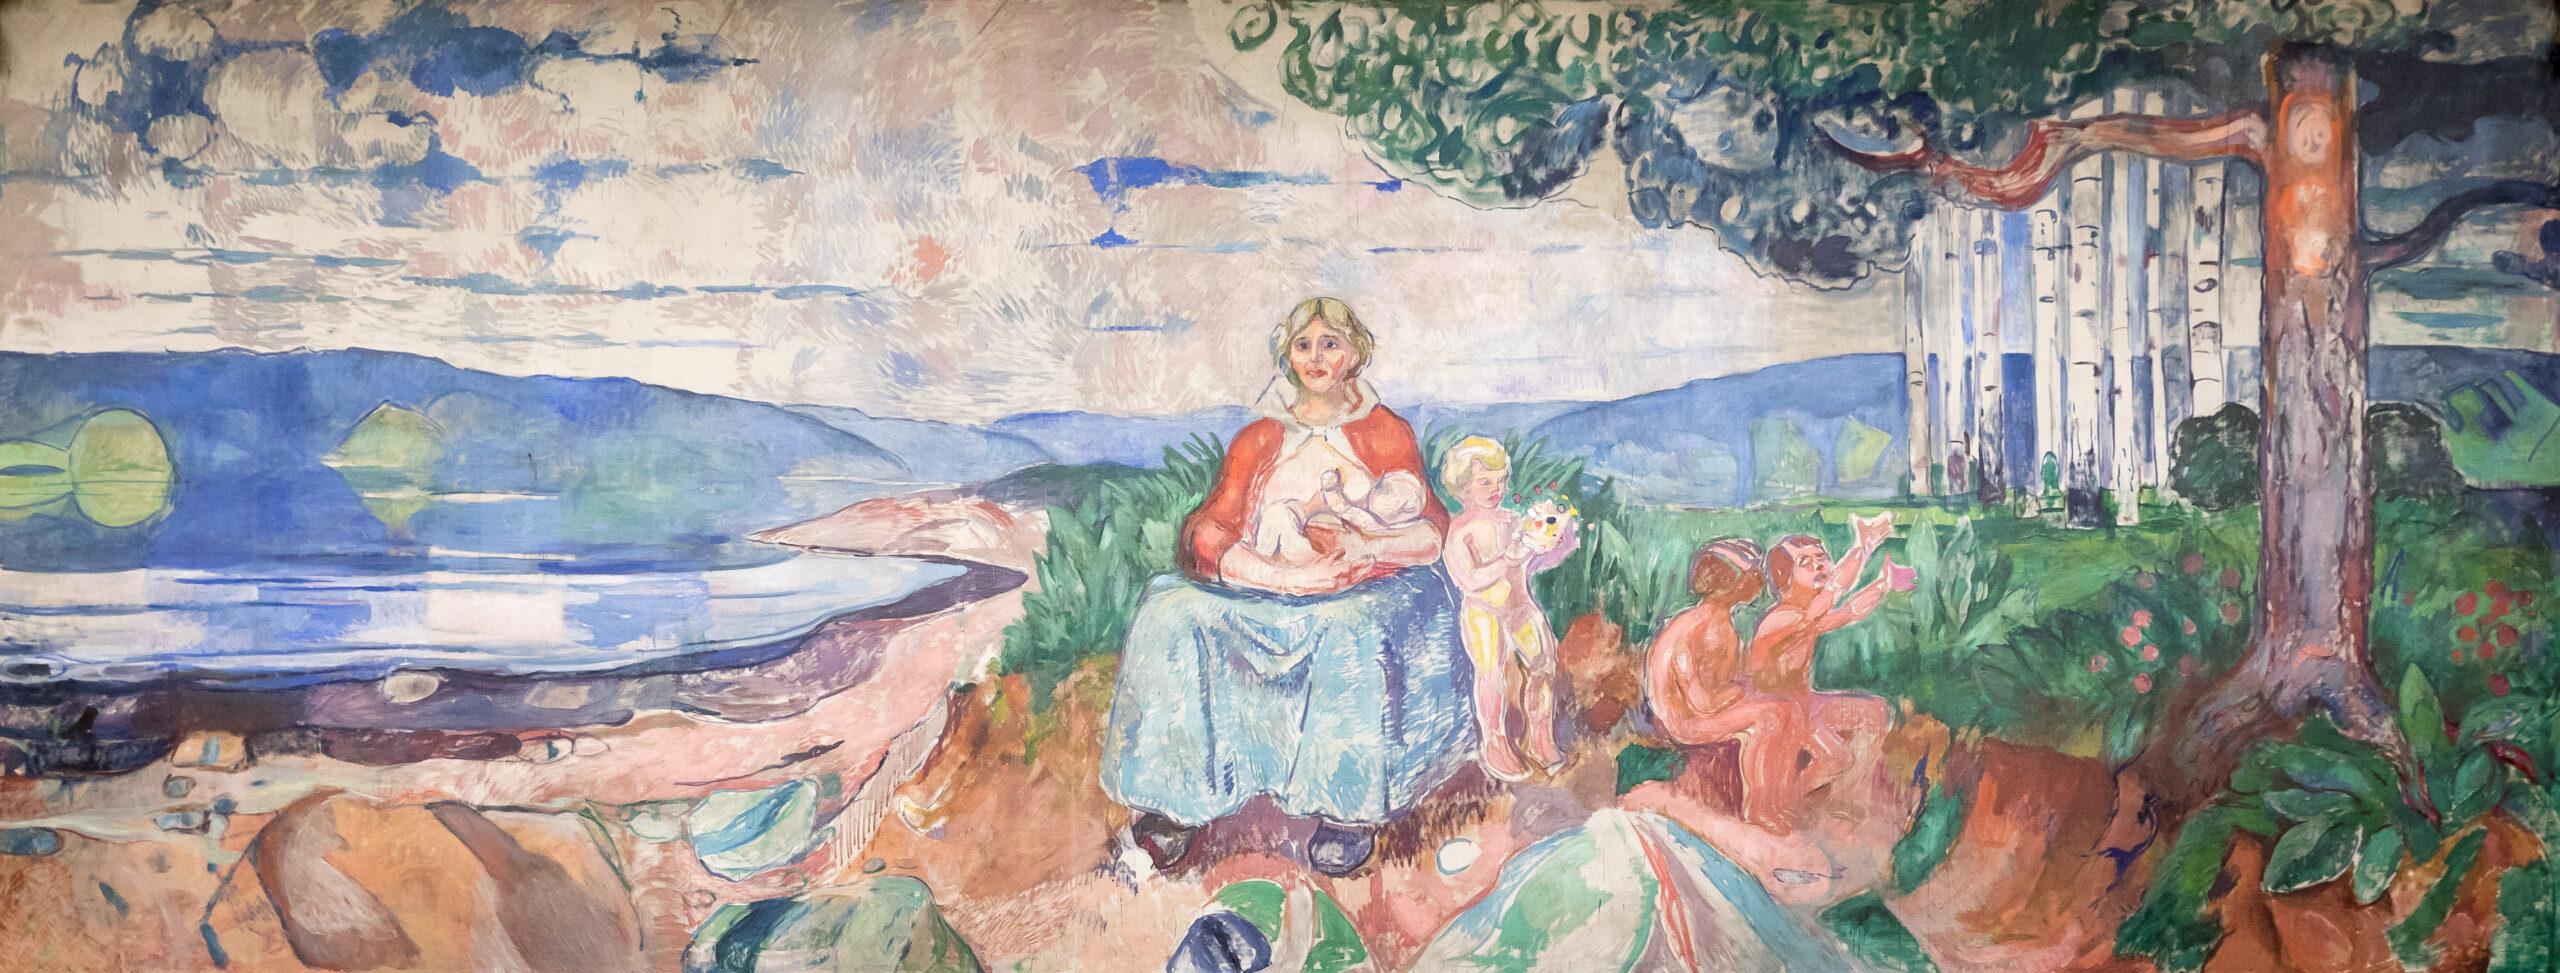 Картина «Альма Матер» Эдварда Мунка.